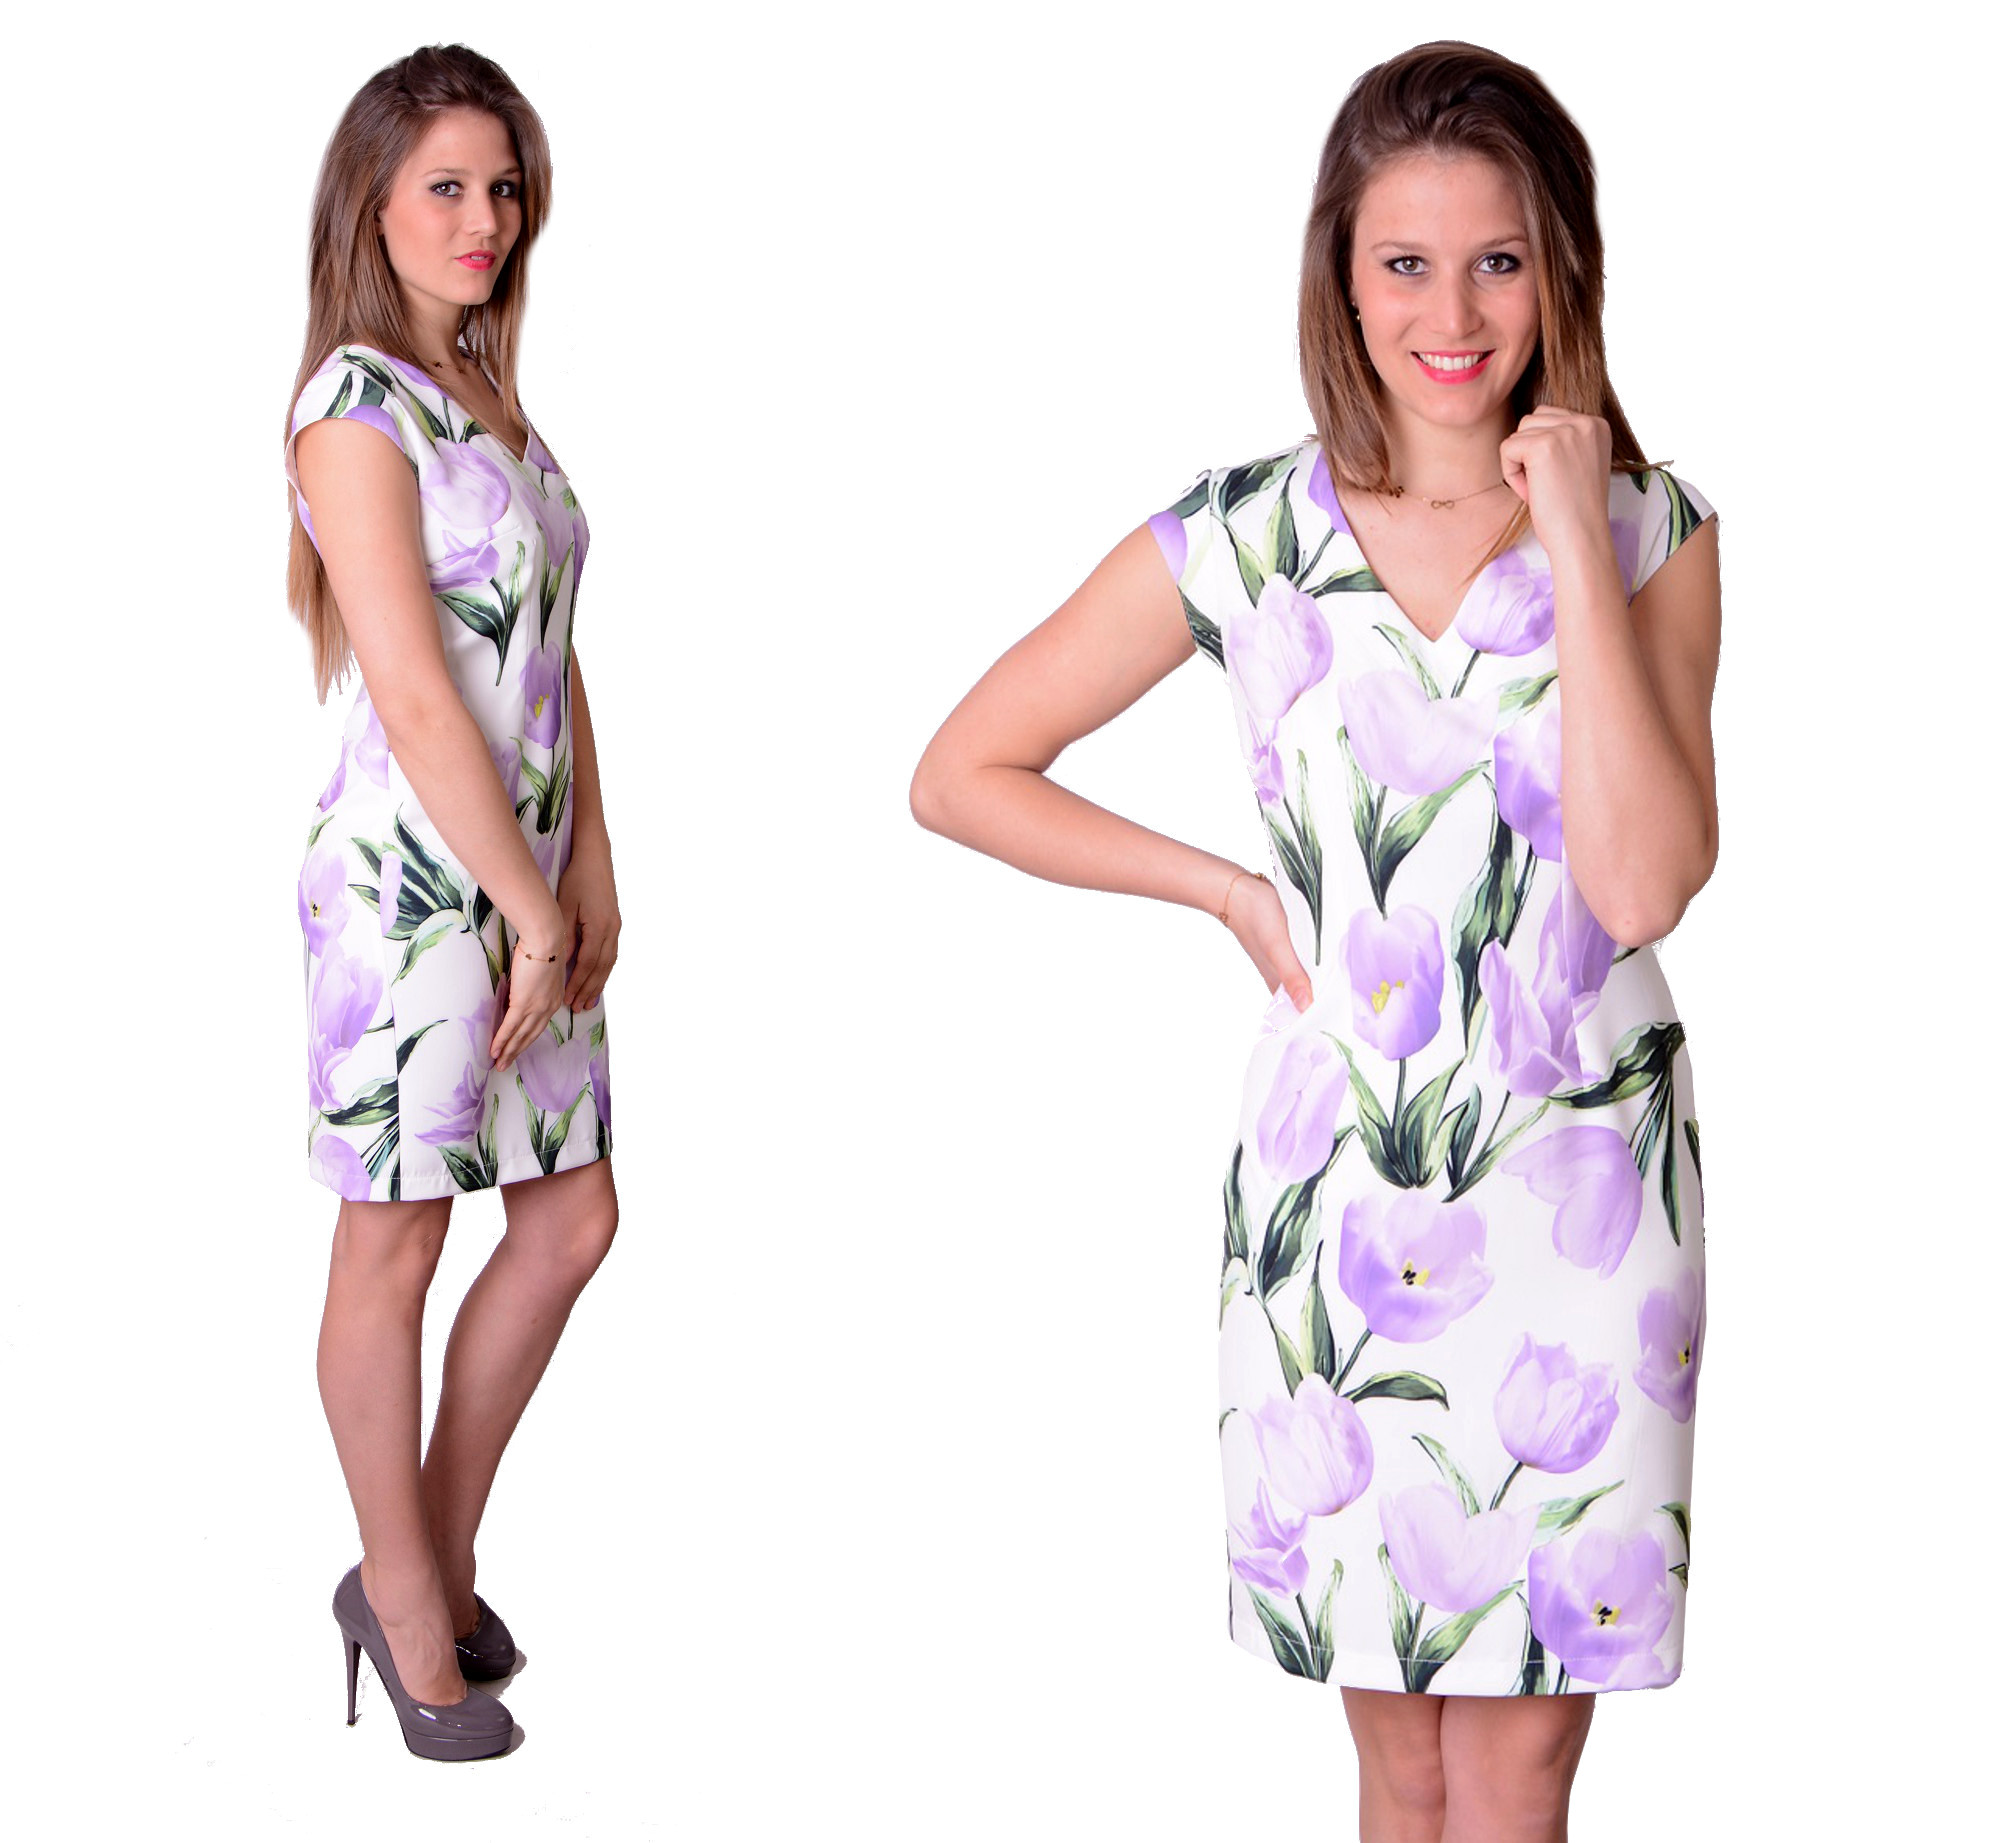 c680167f6d WYPRZEDAŻ Sukienka Fiolet Tulipany PRODUCENT r. 38 ...